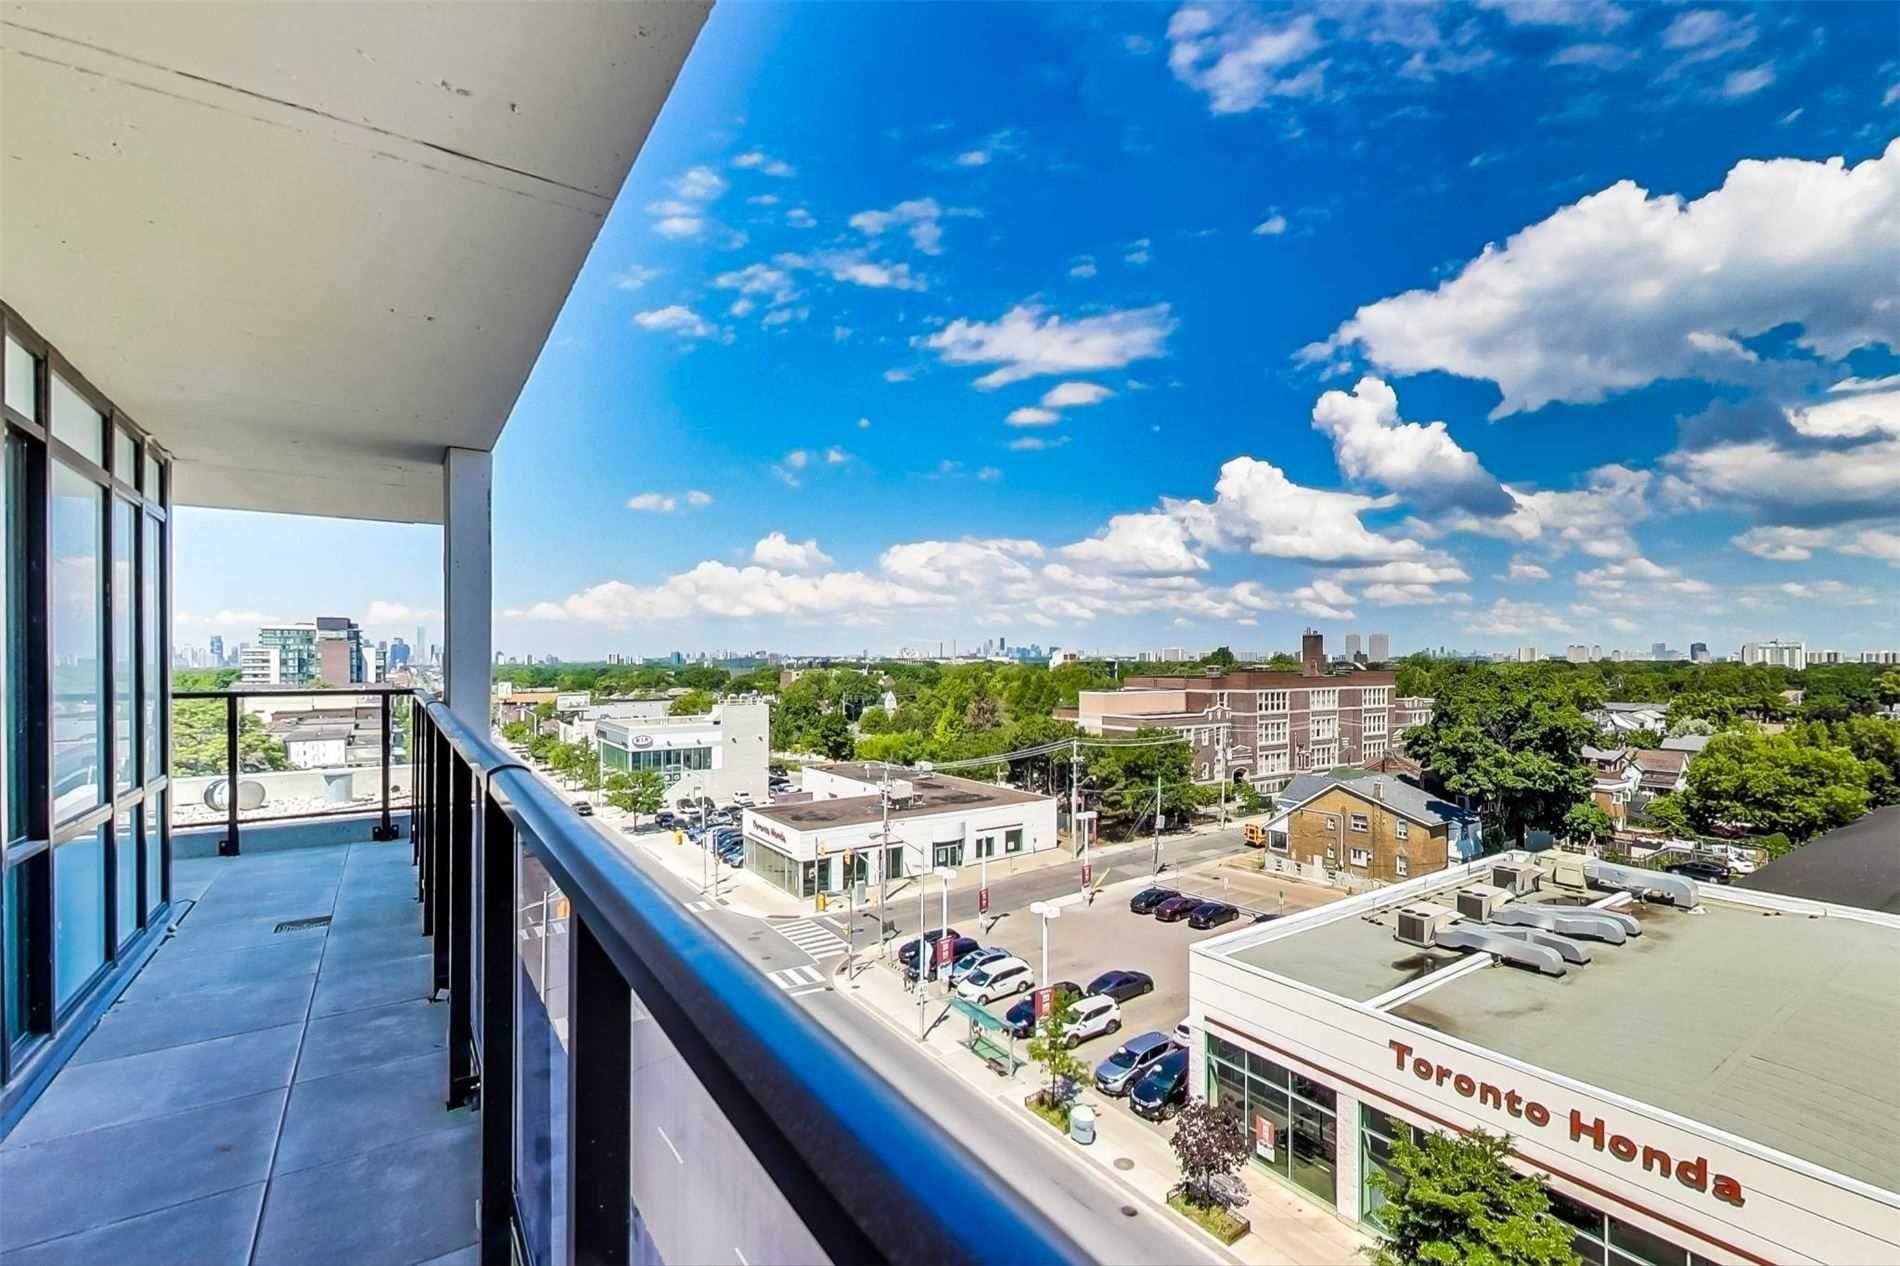 Photo 16: Photos: 711 2301 Danforth Avenue in Toronto: East End-Danforth Condo for lease (Toronto E02)  : MLS®# E4816624